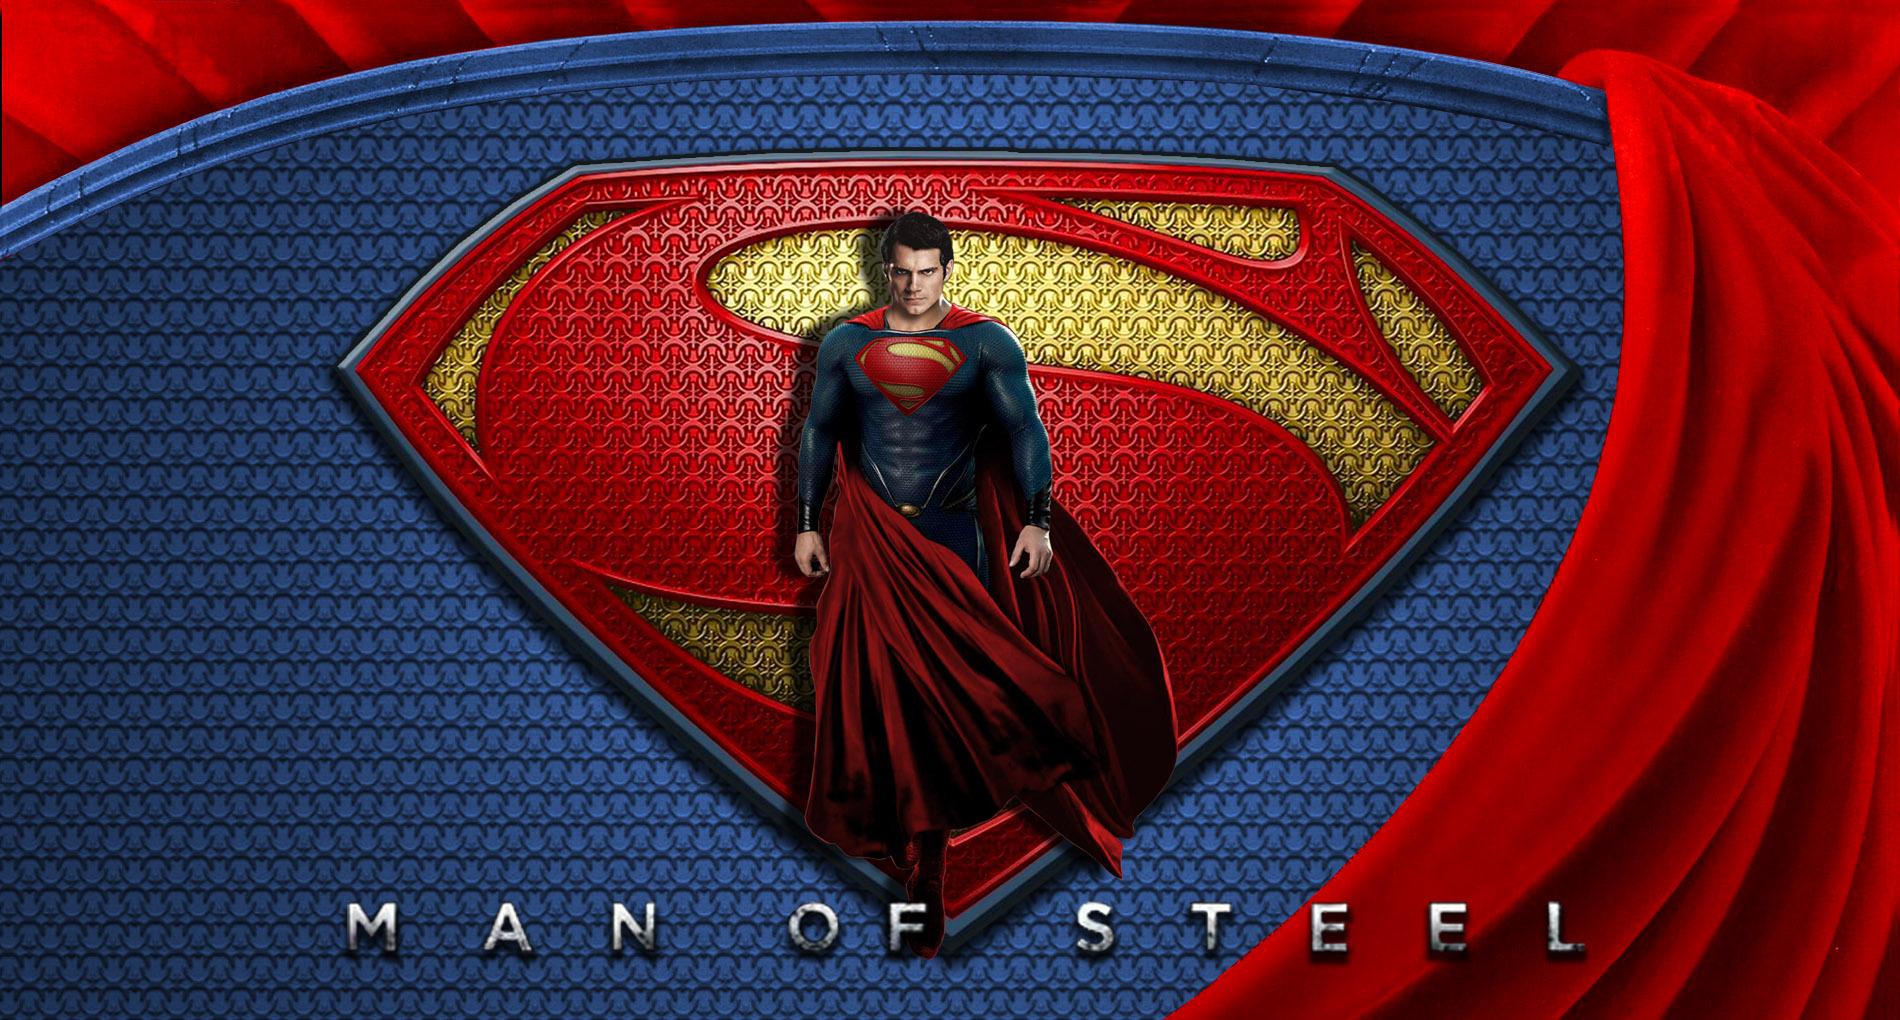 Superman man of steel wallpaper hd 004 by super tybone82 on deviantart - Wallpaper superman man of steel ...